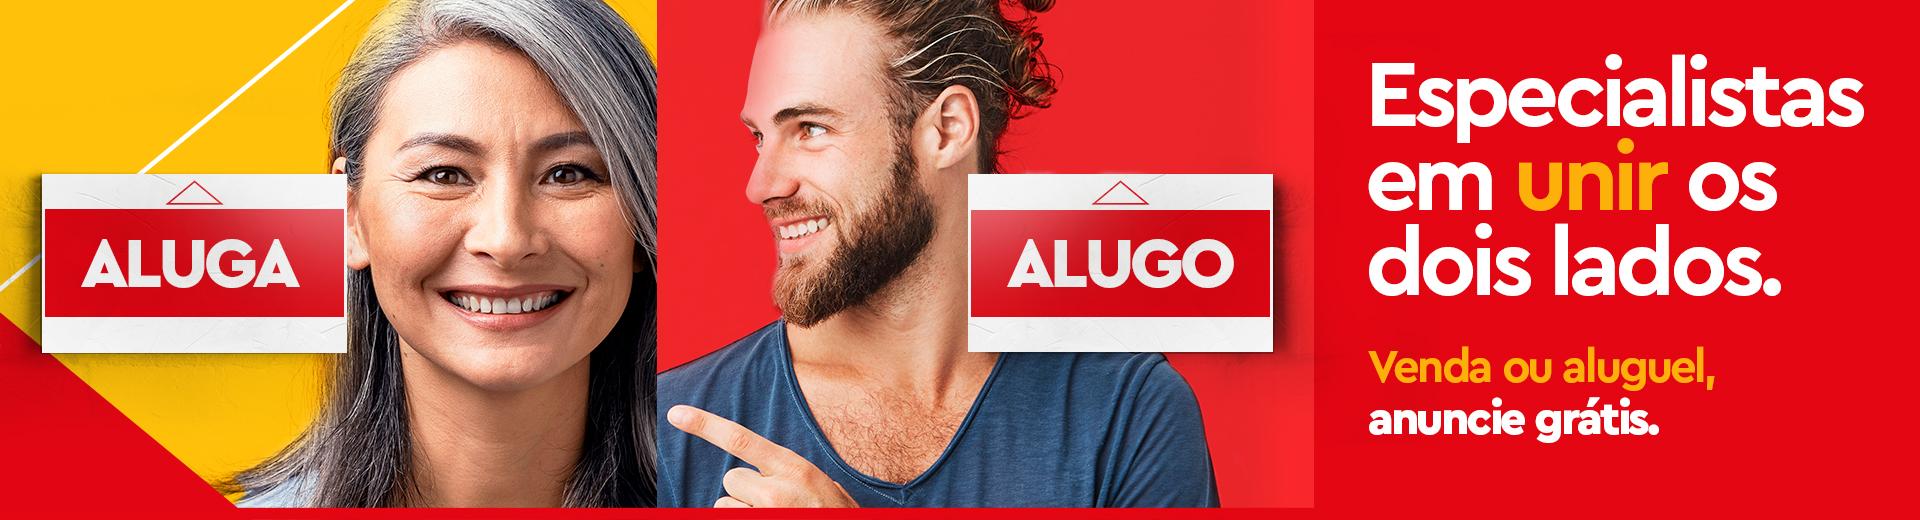 Aluga - Alugo